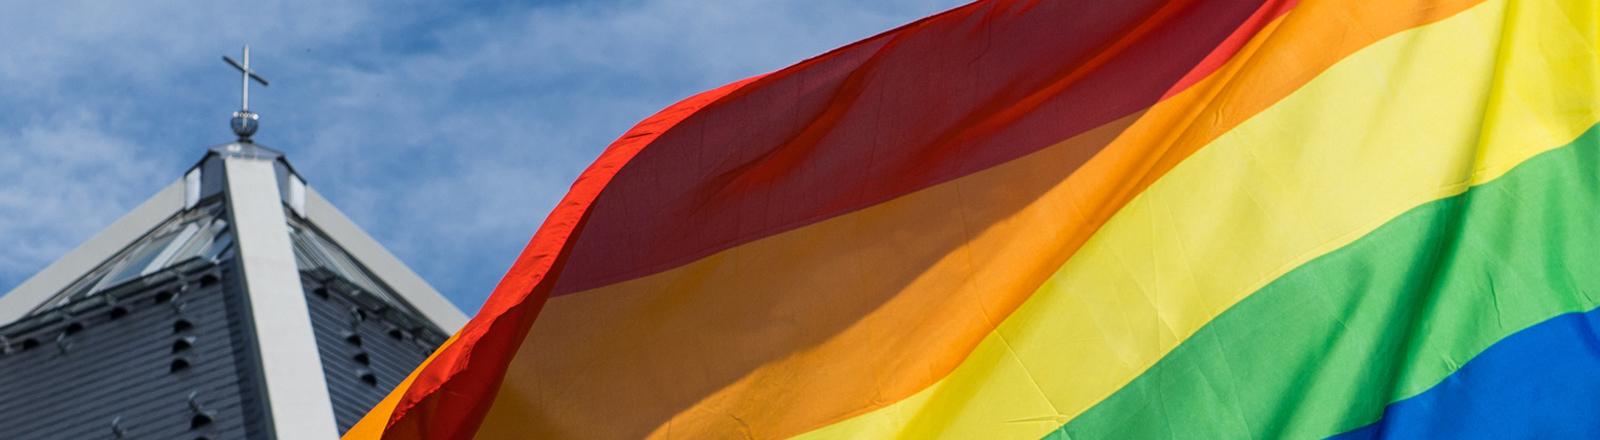 Die Regenbogenfahne weht vor einer katholischen Kirche.